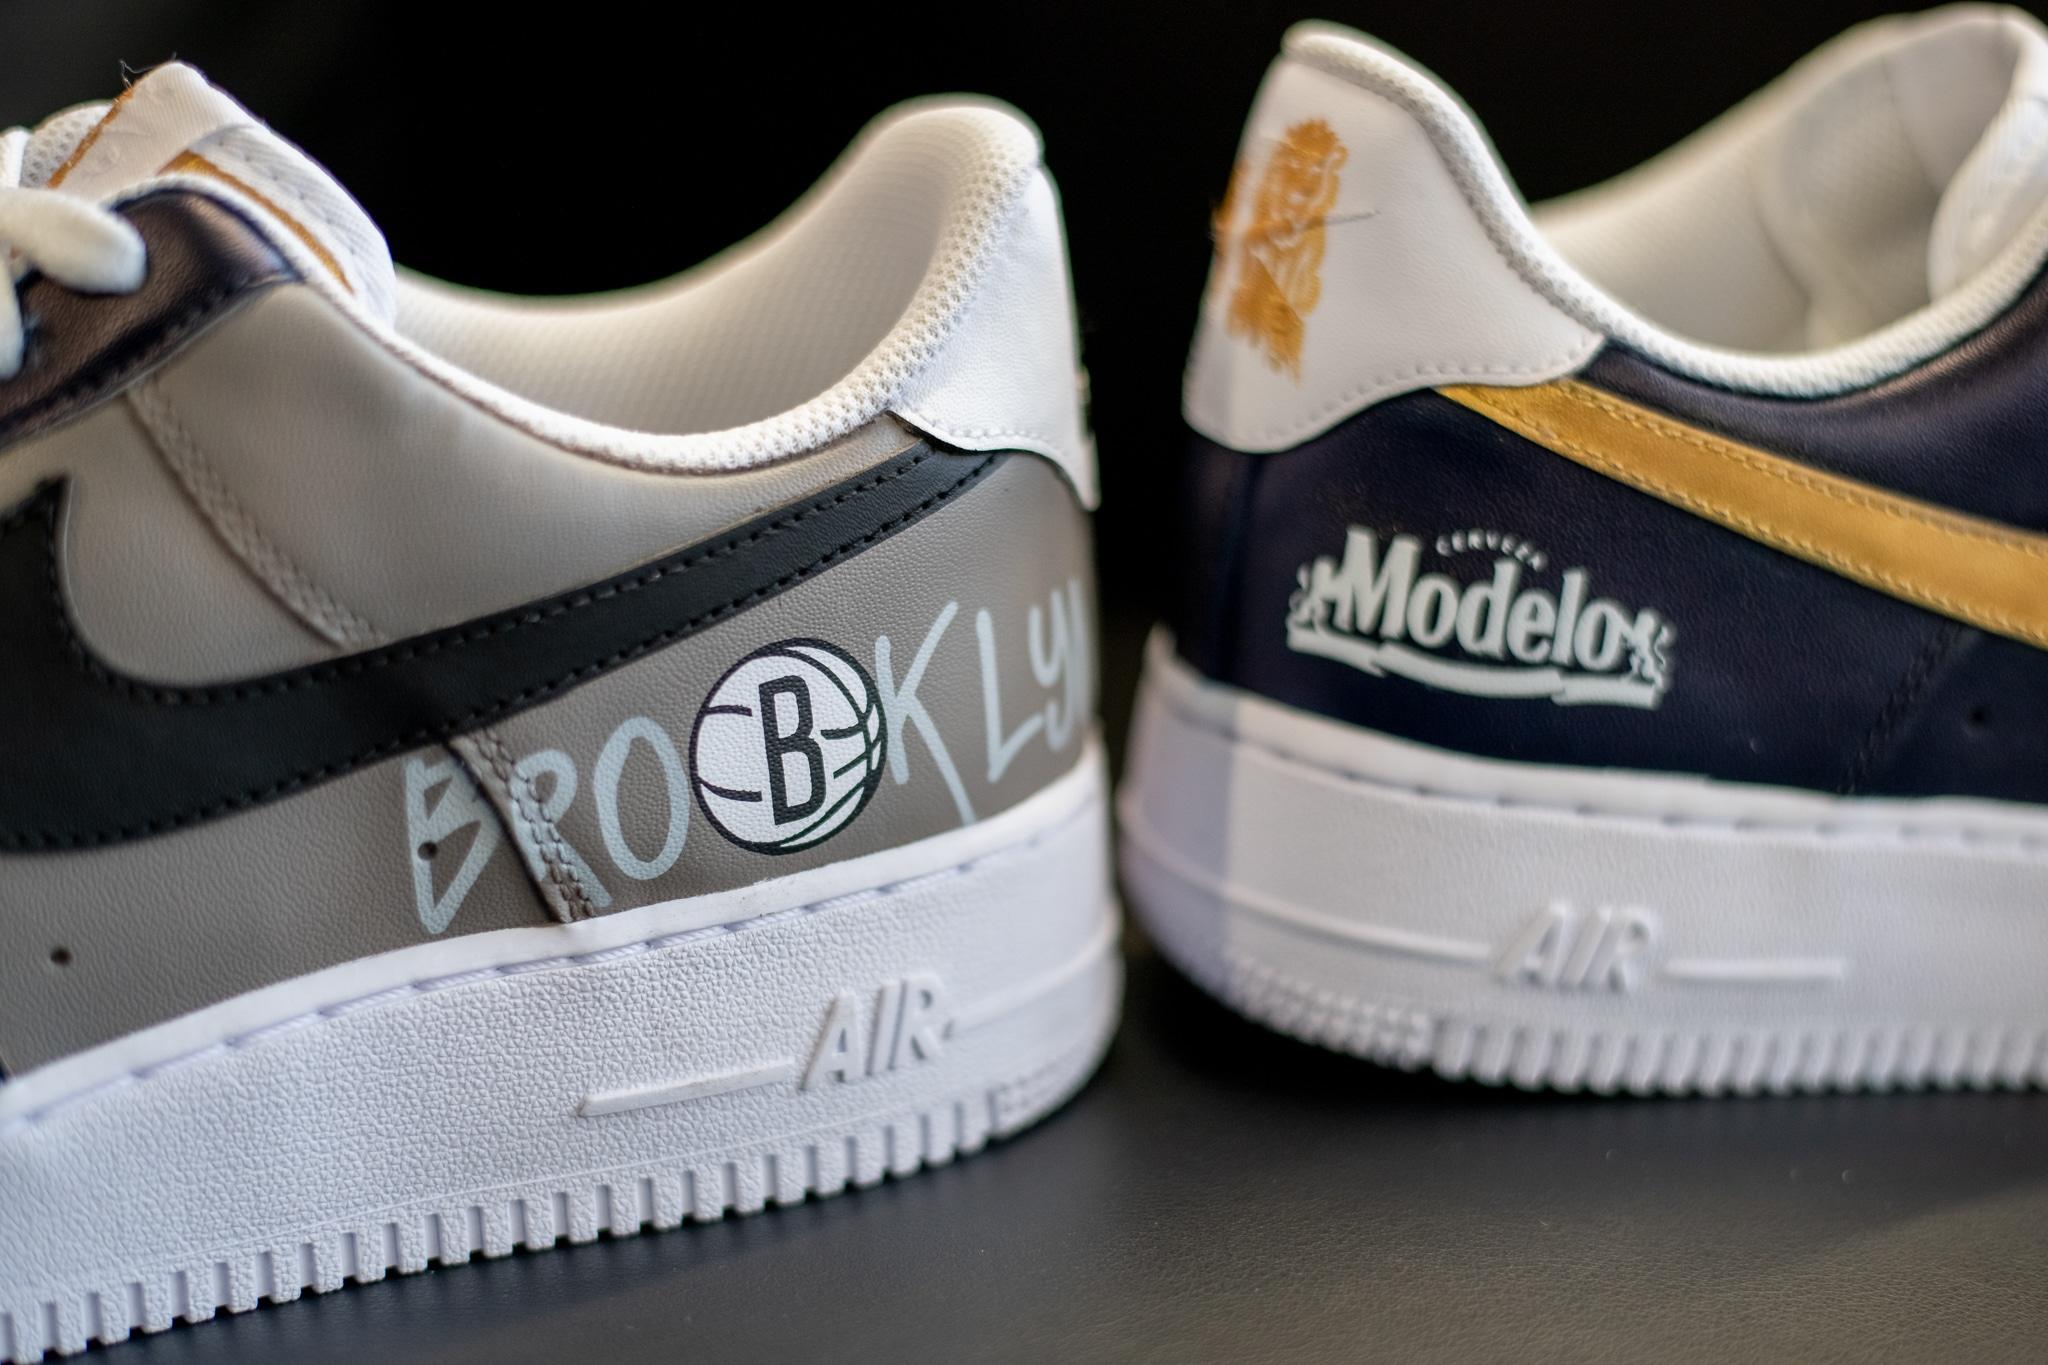 Modelo is giving away Brooklyn Nets sneakers designed by Mache 16